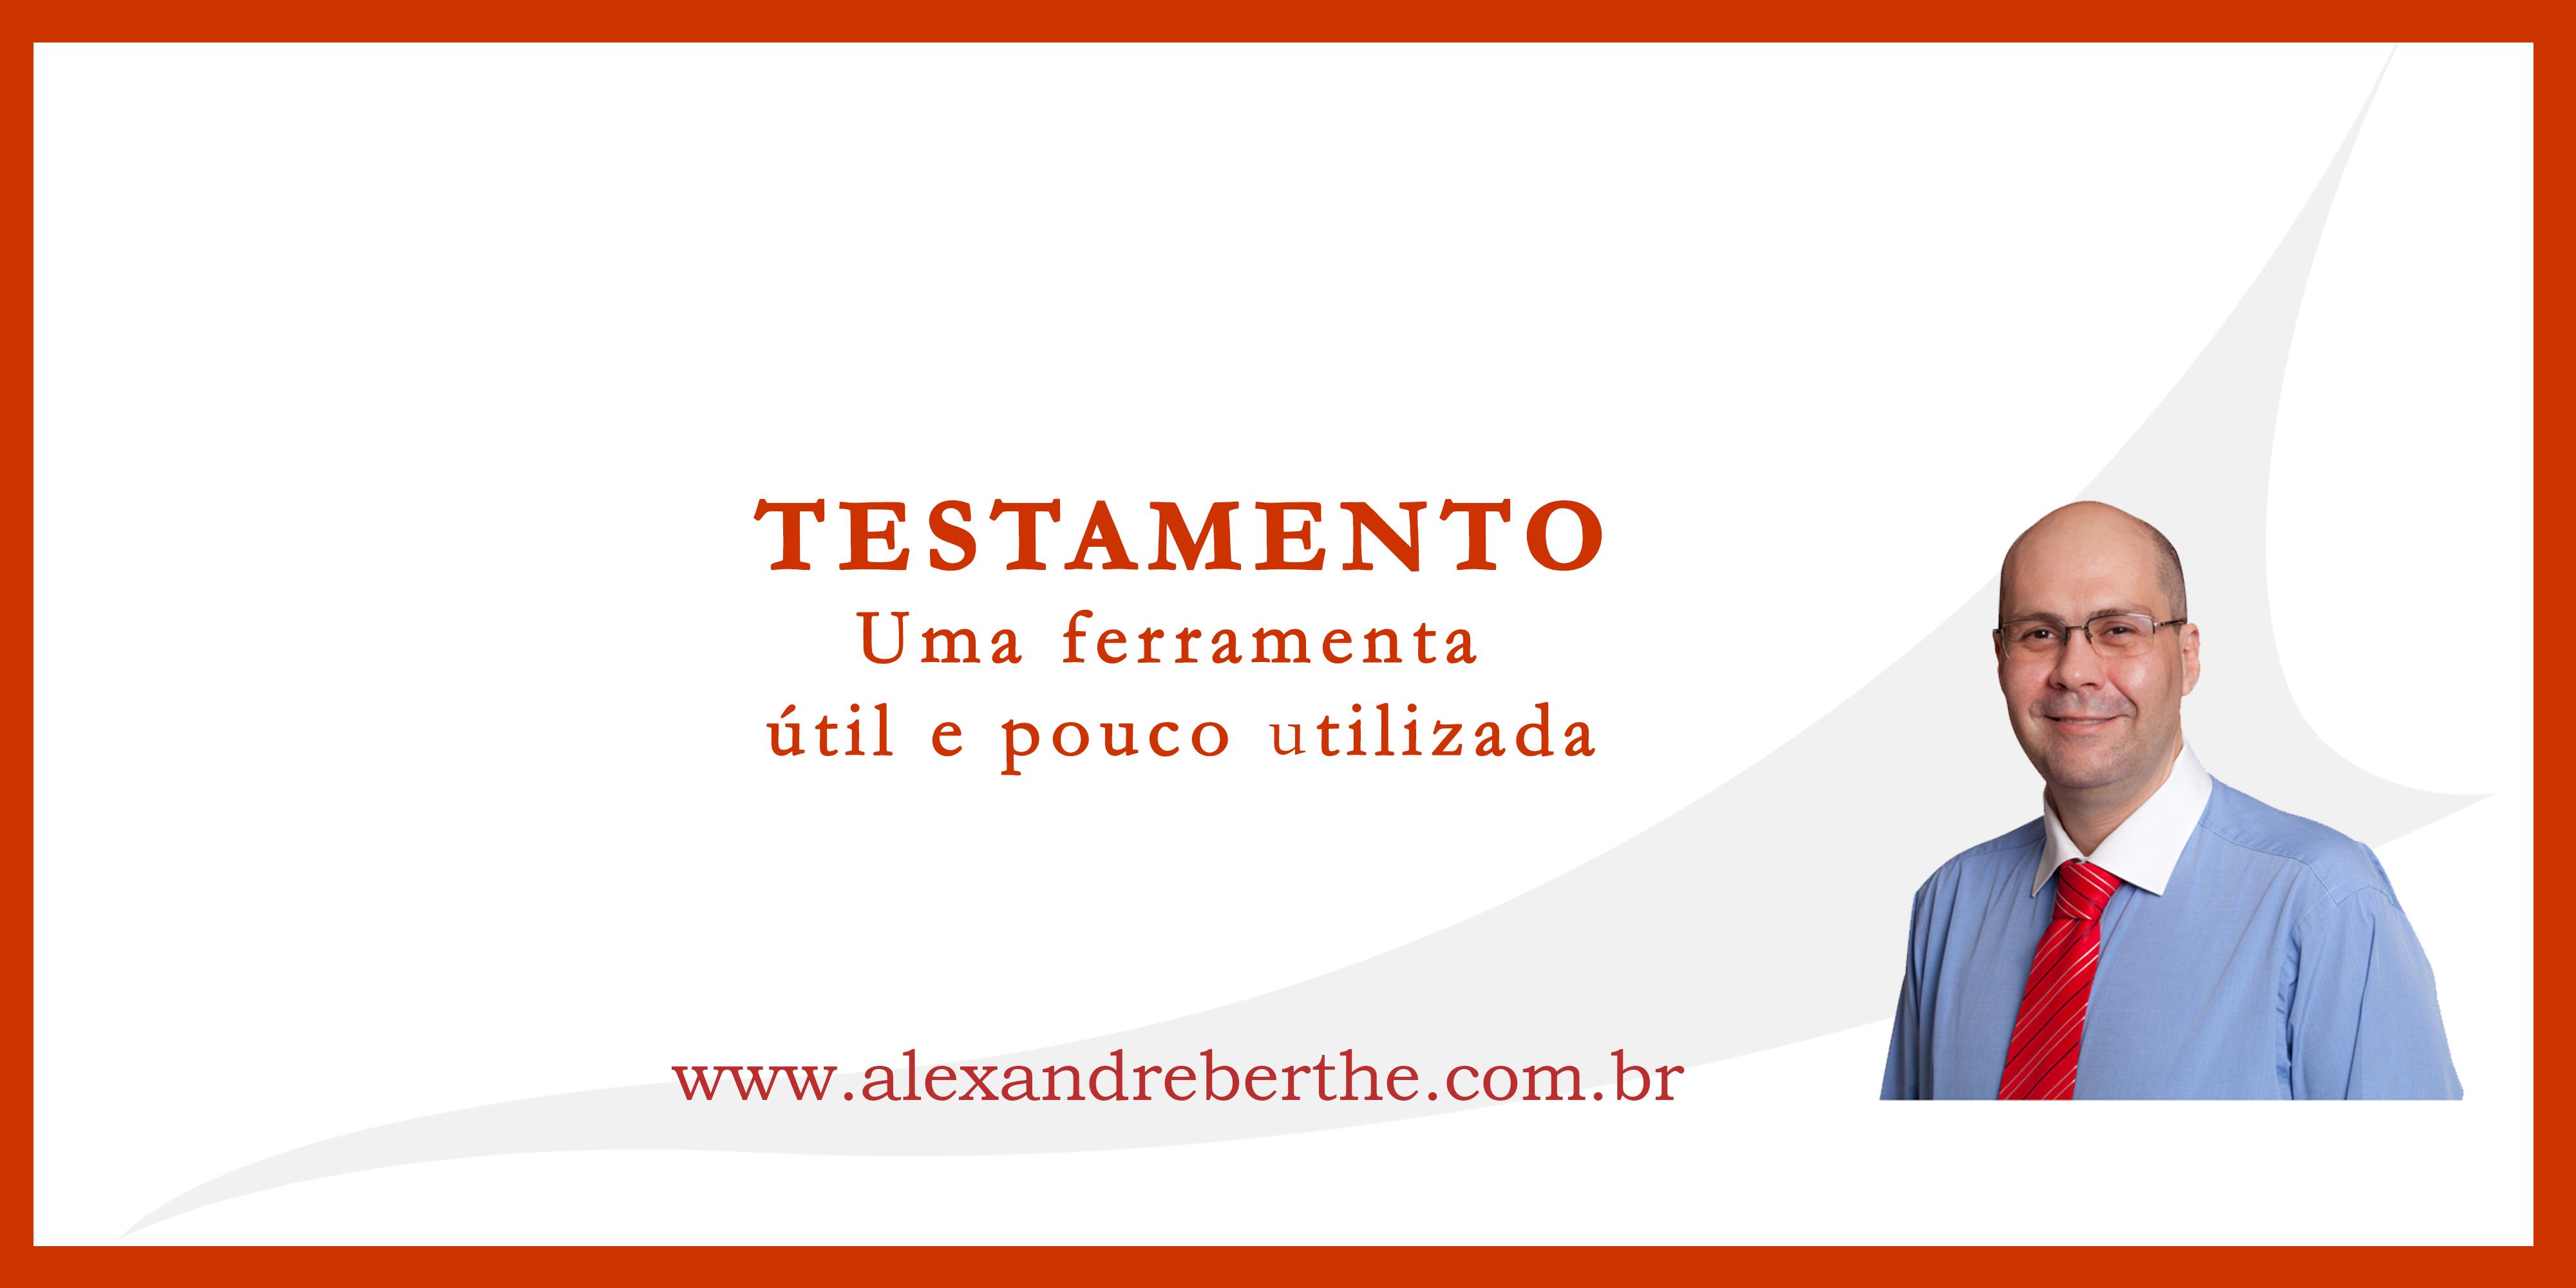 Testamento, uma ferramenta útil e pouco utilizada.